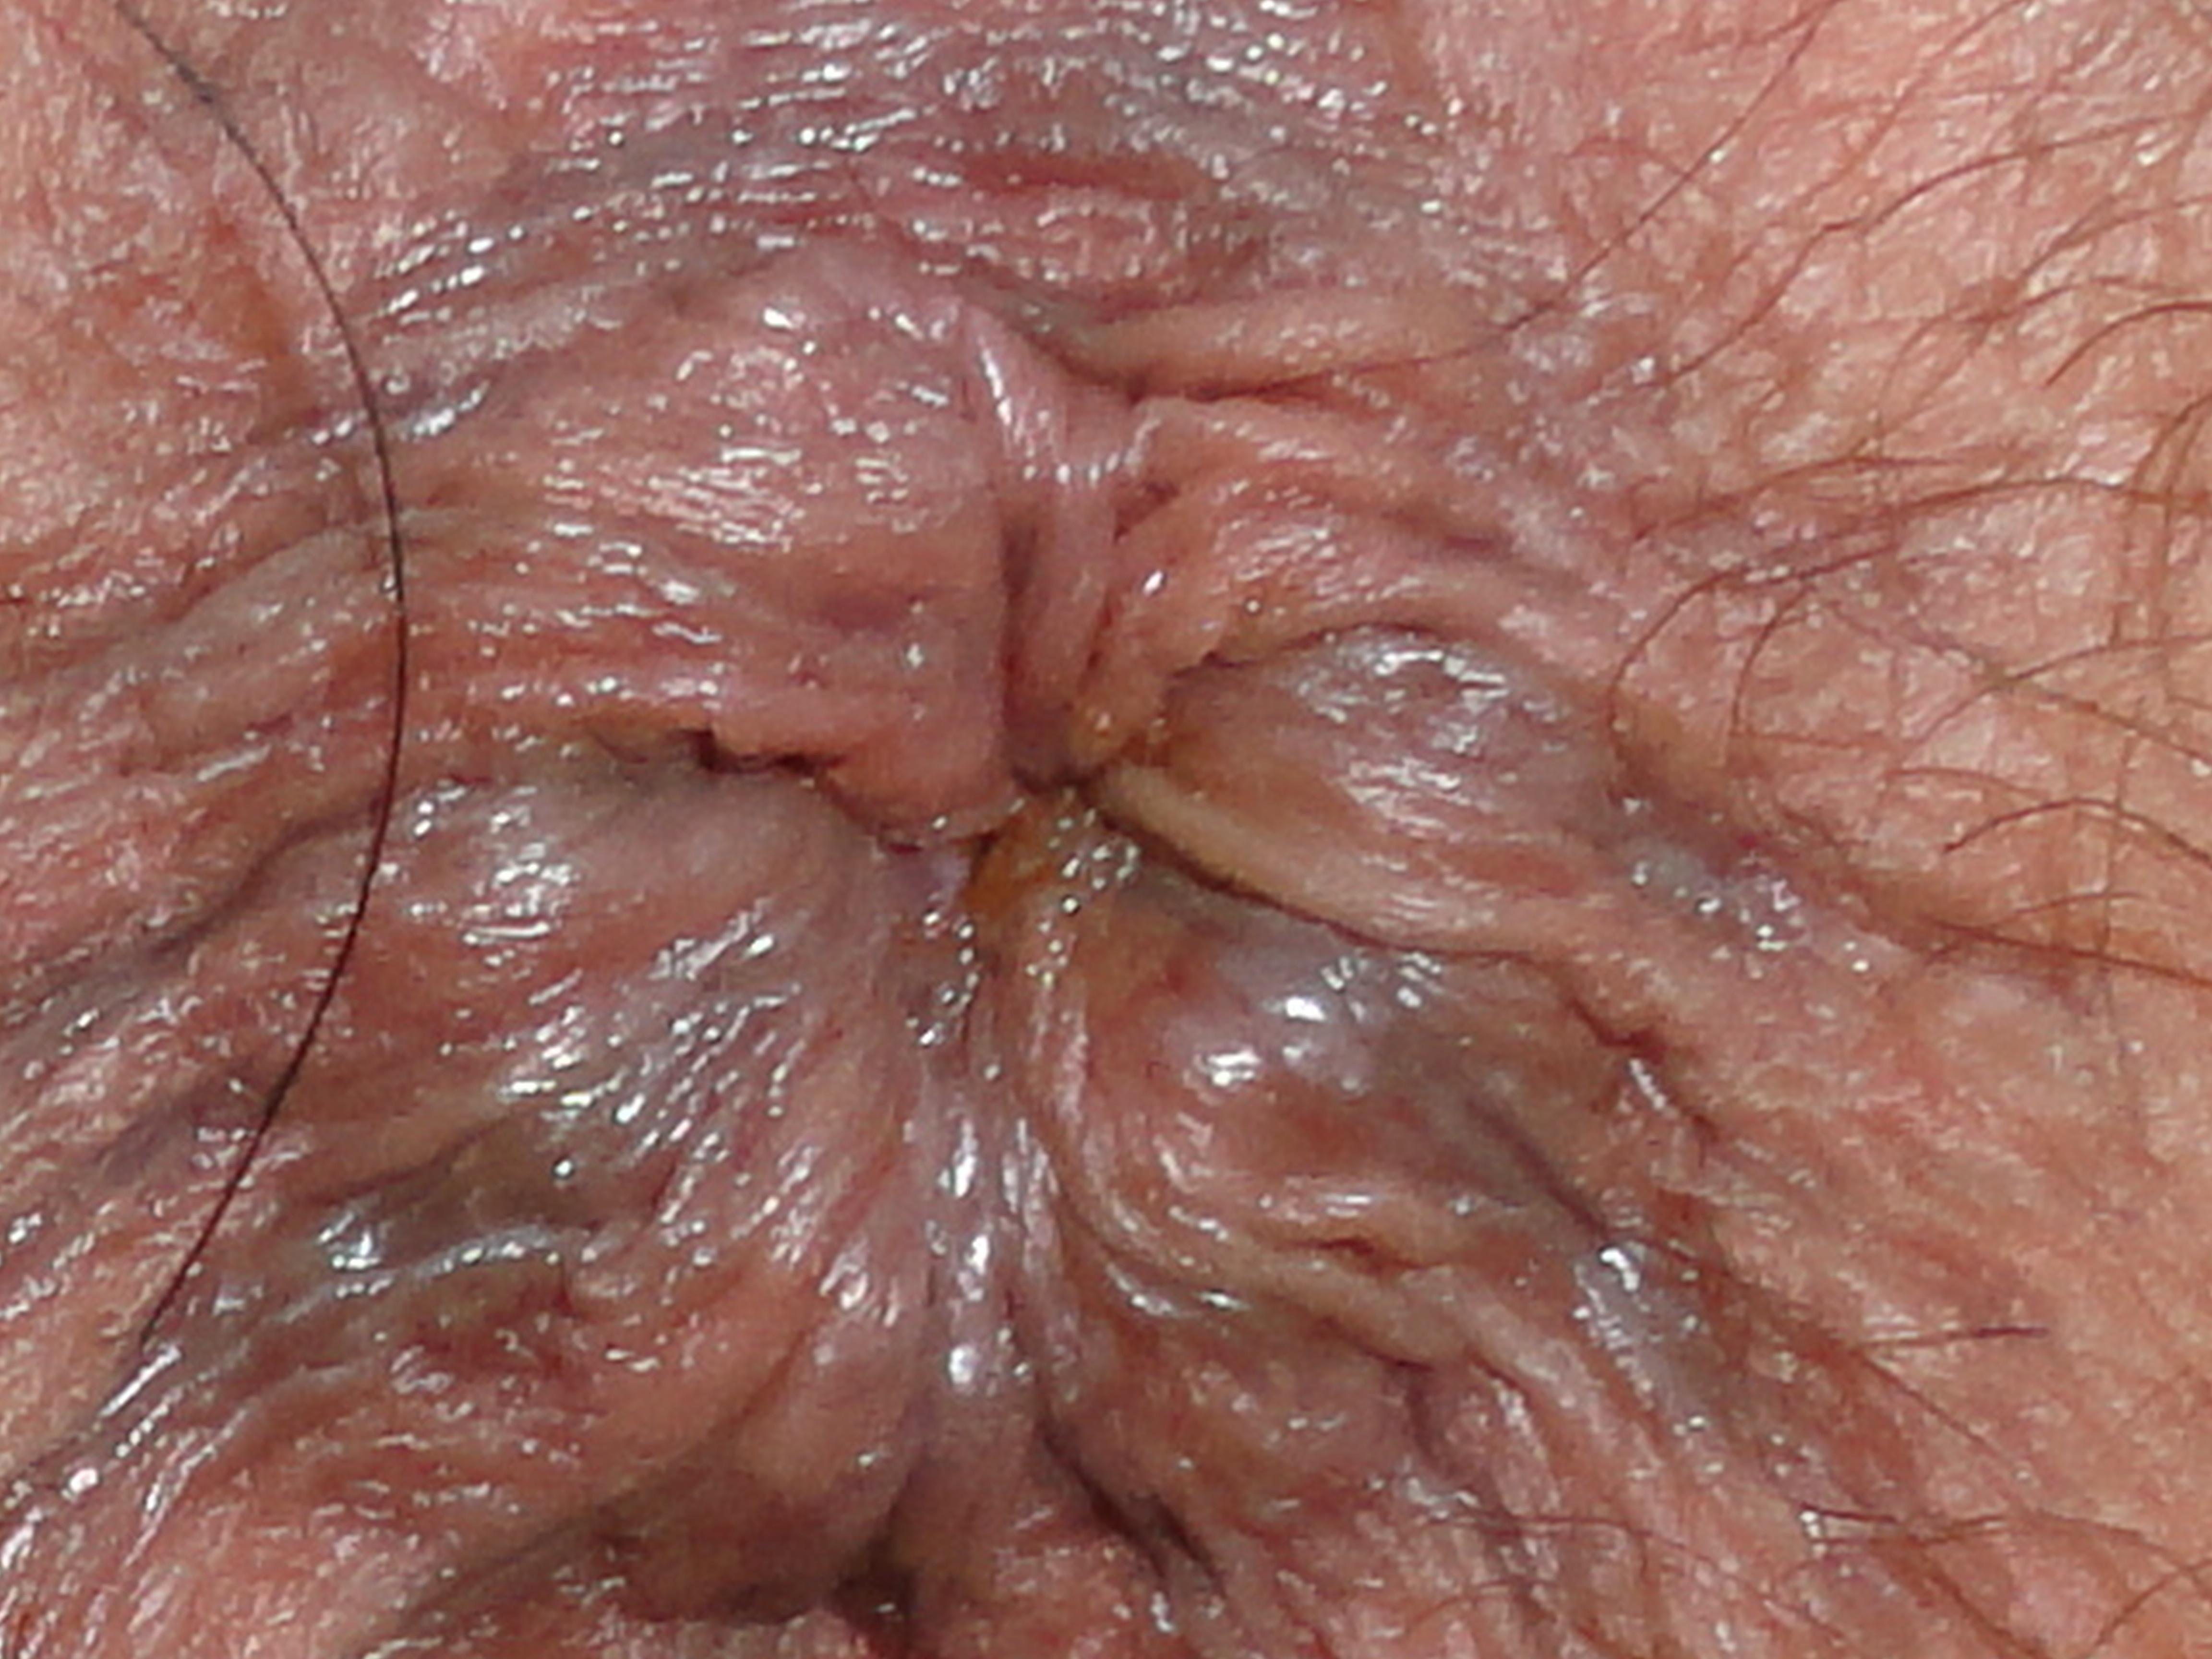 foto-dryahlih-anusov-ogromnim-chlenom-hudenkoy